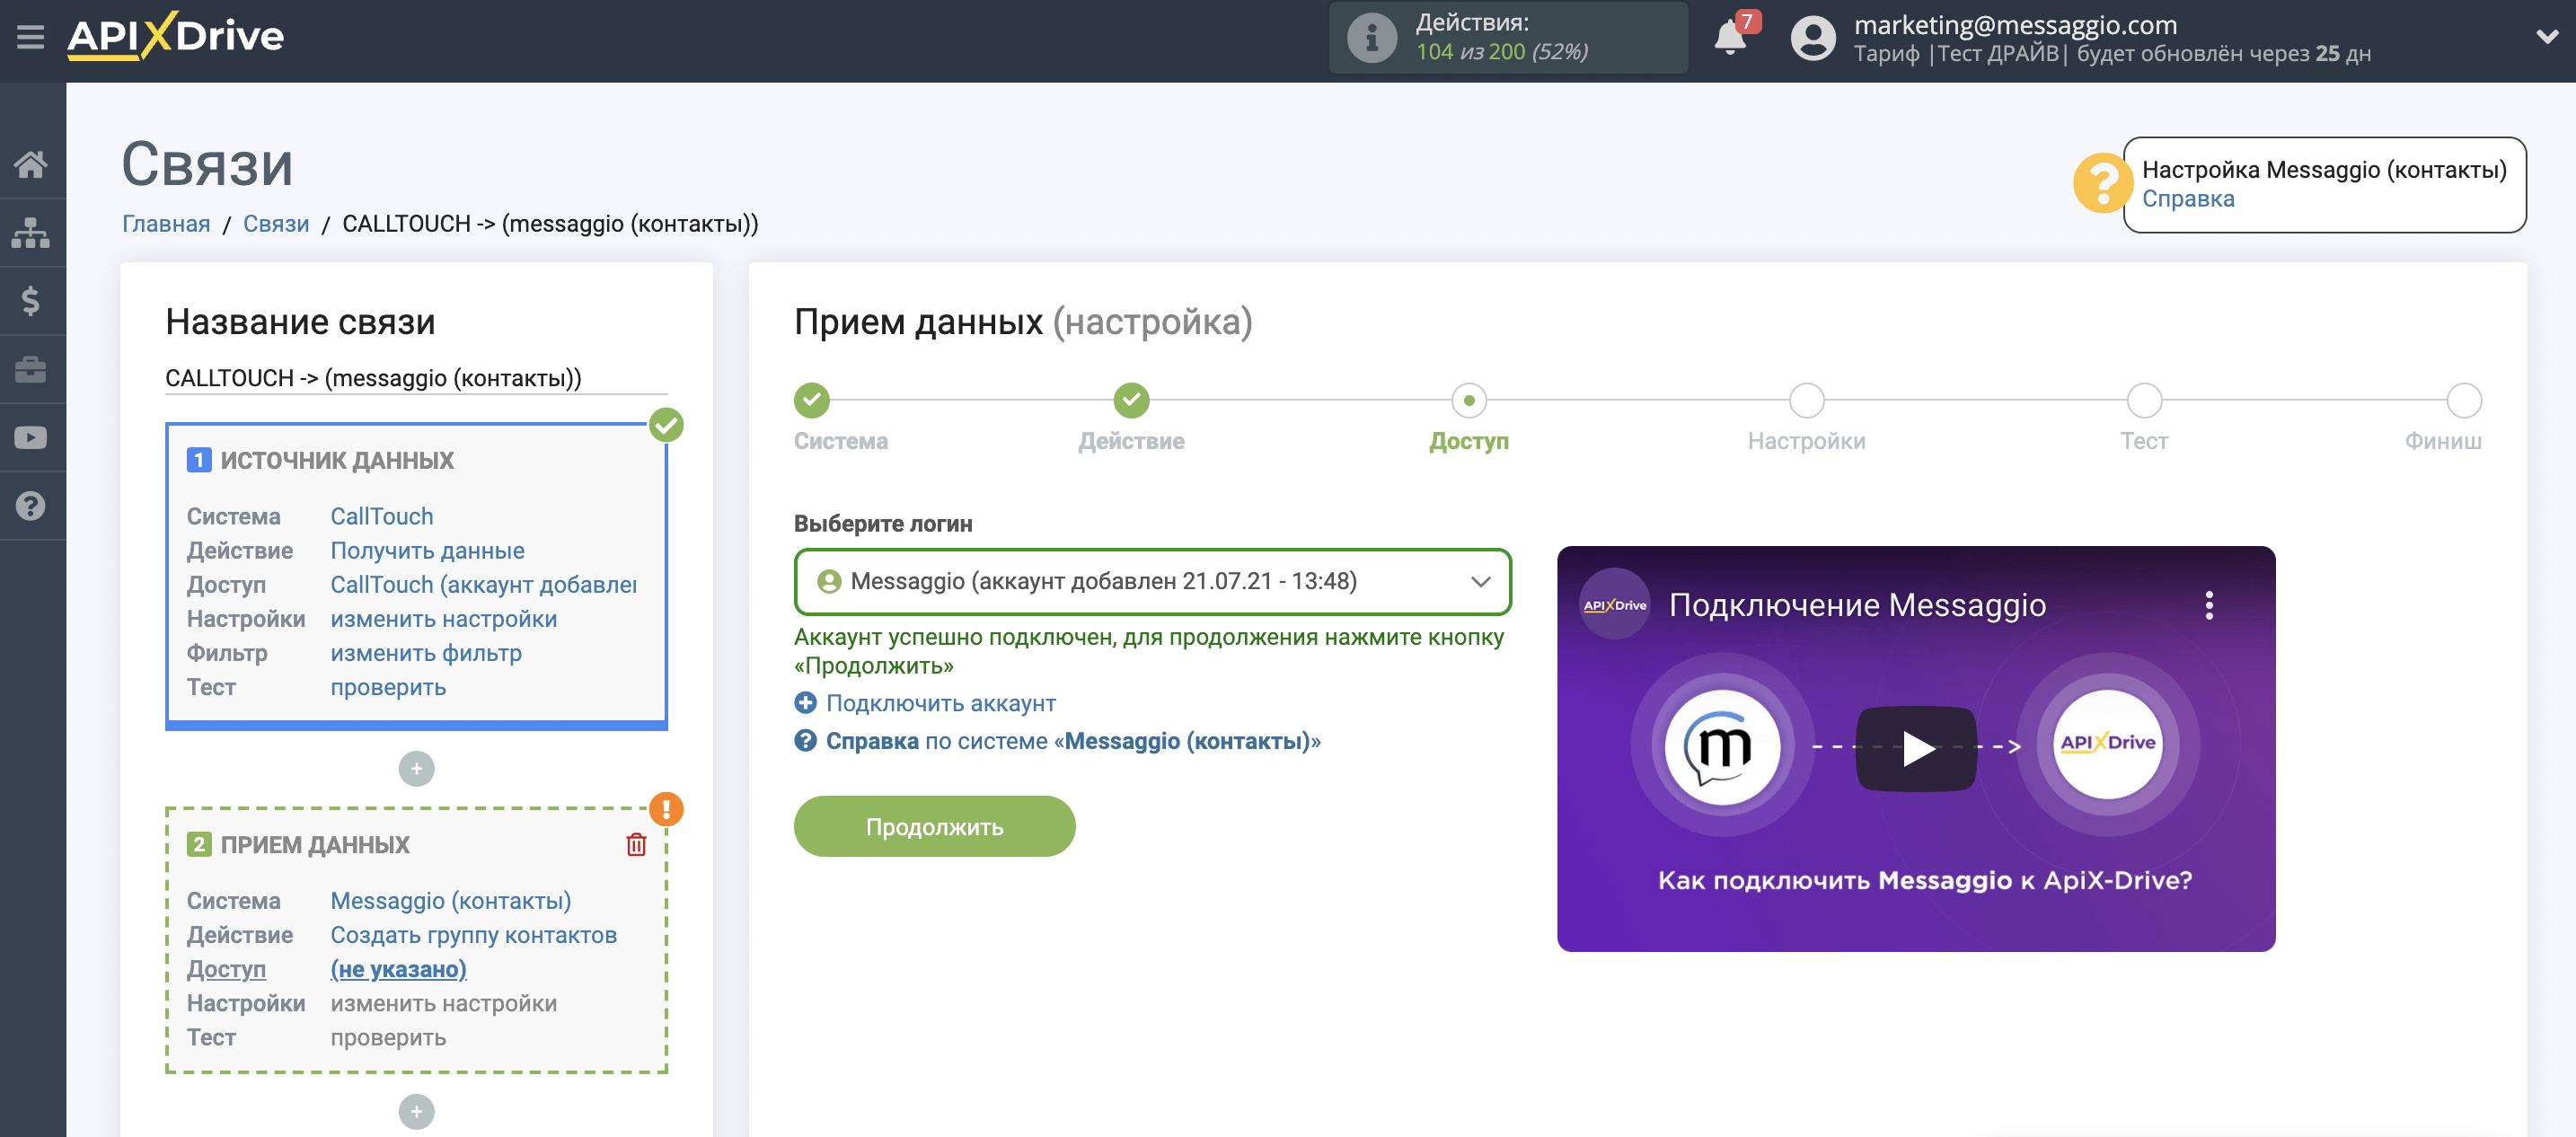 Выбрать аккаунт Messaggio (контакты) для подключения